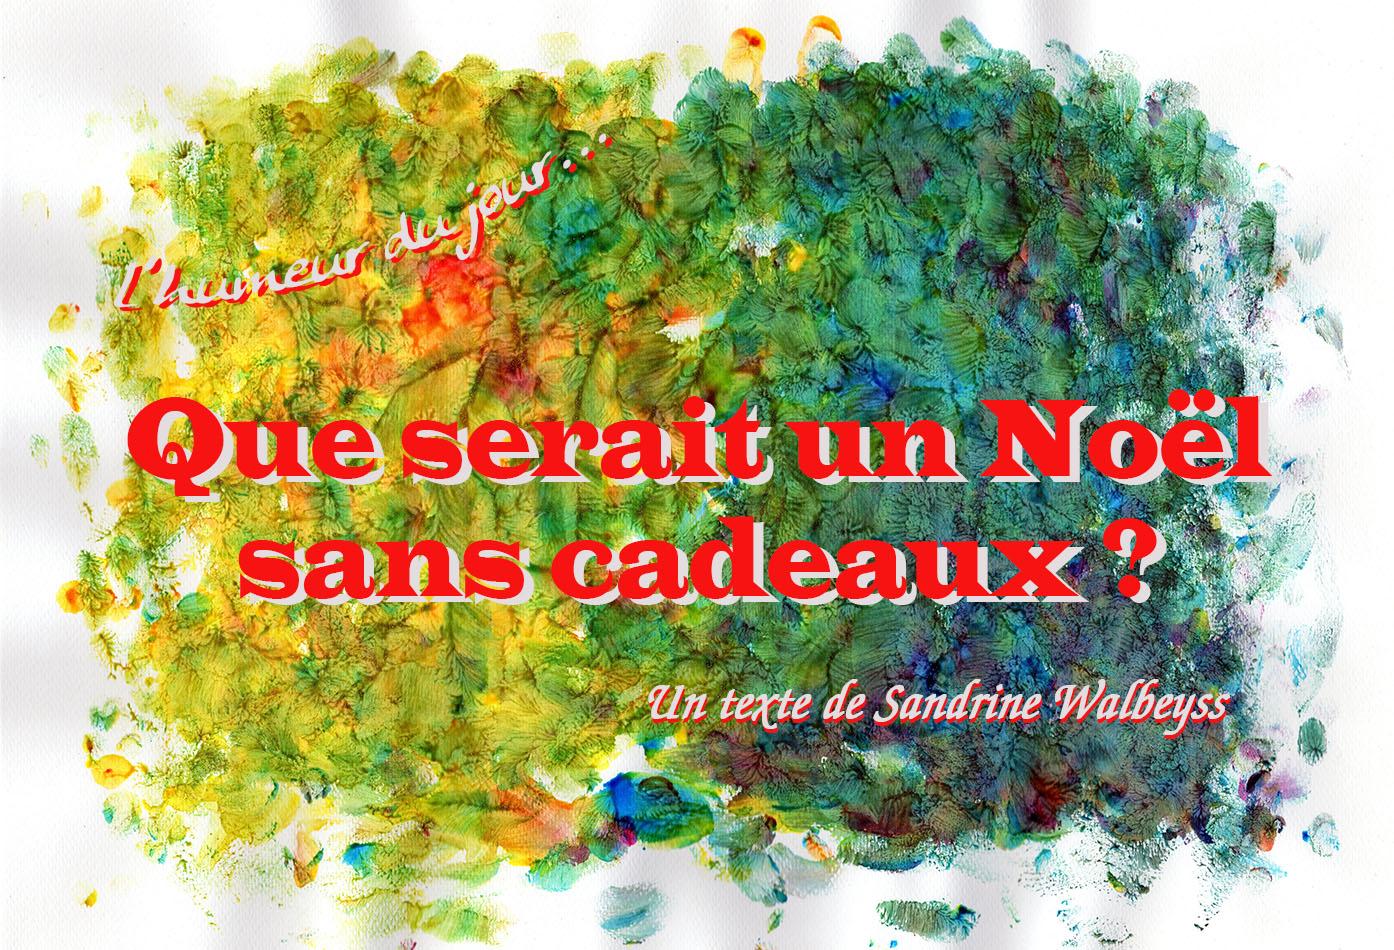 Que serait un noel sans cadeaux ? Sandrine Walbeyss